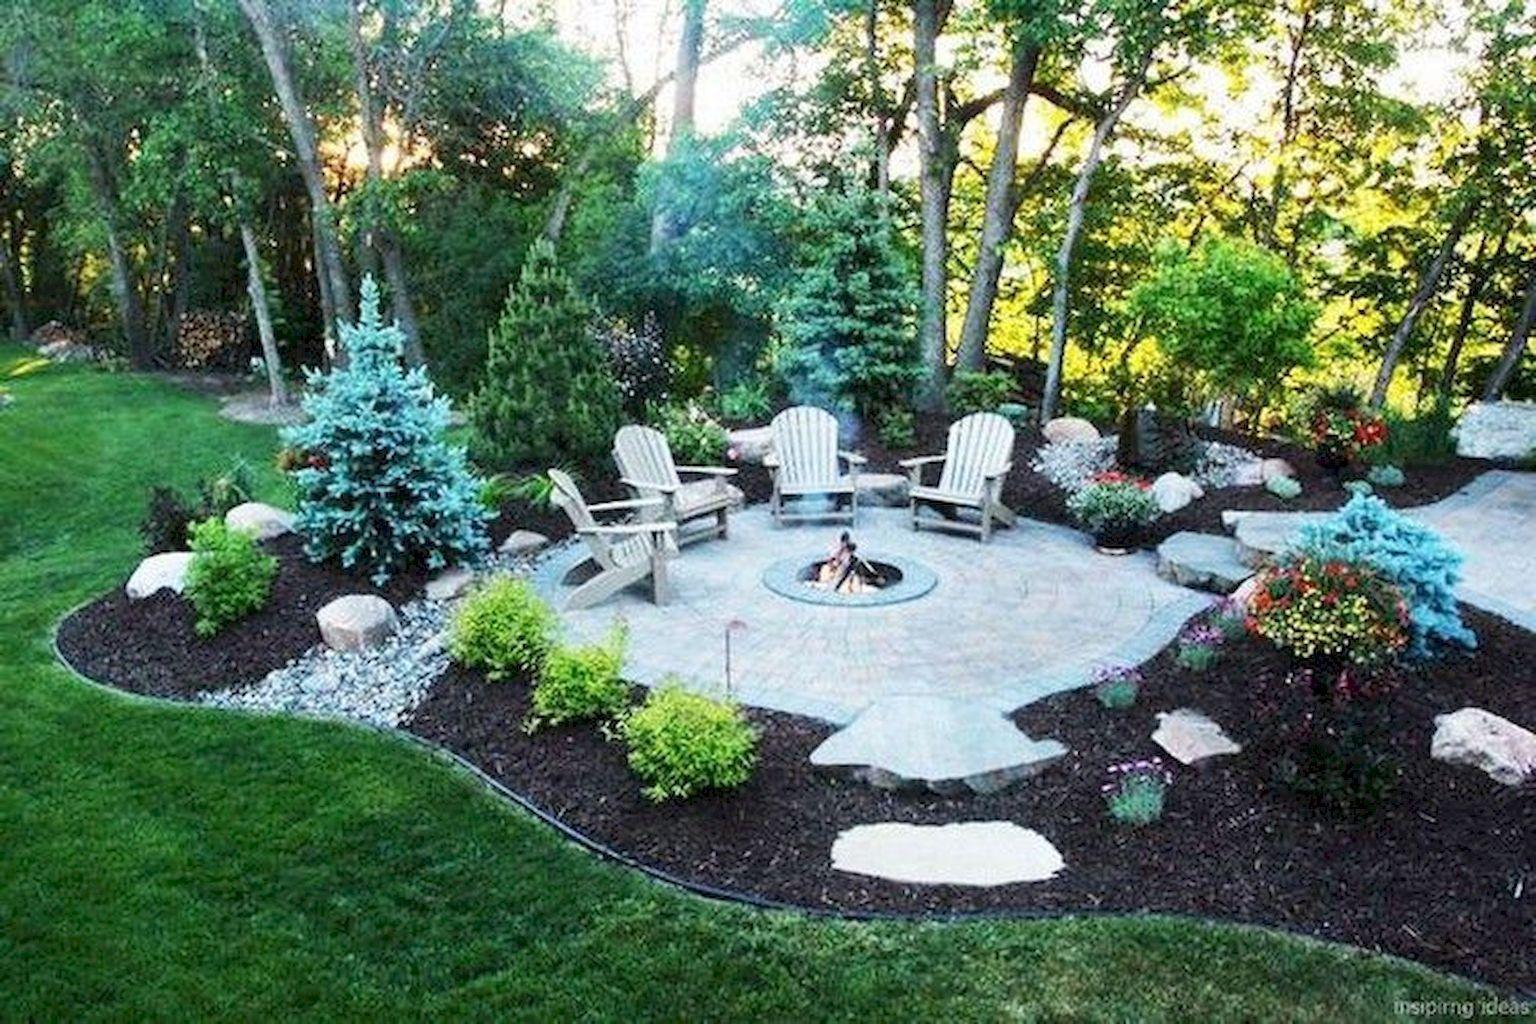 Backyard Fire Pit Design Backyard Landscape Design Fire Pit Landscaping Backyard Fire Fire Pit Backyard